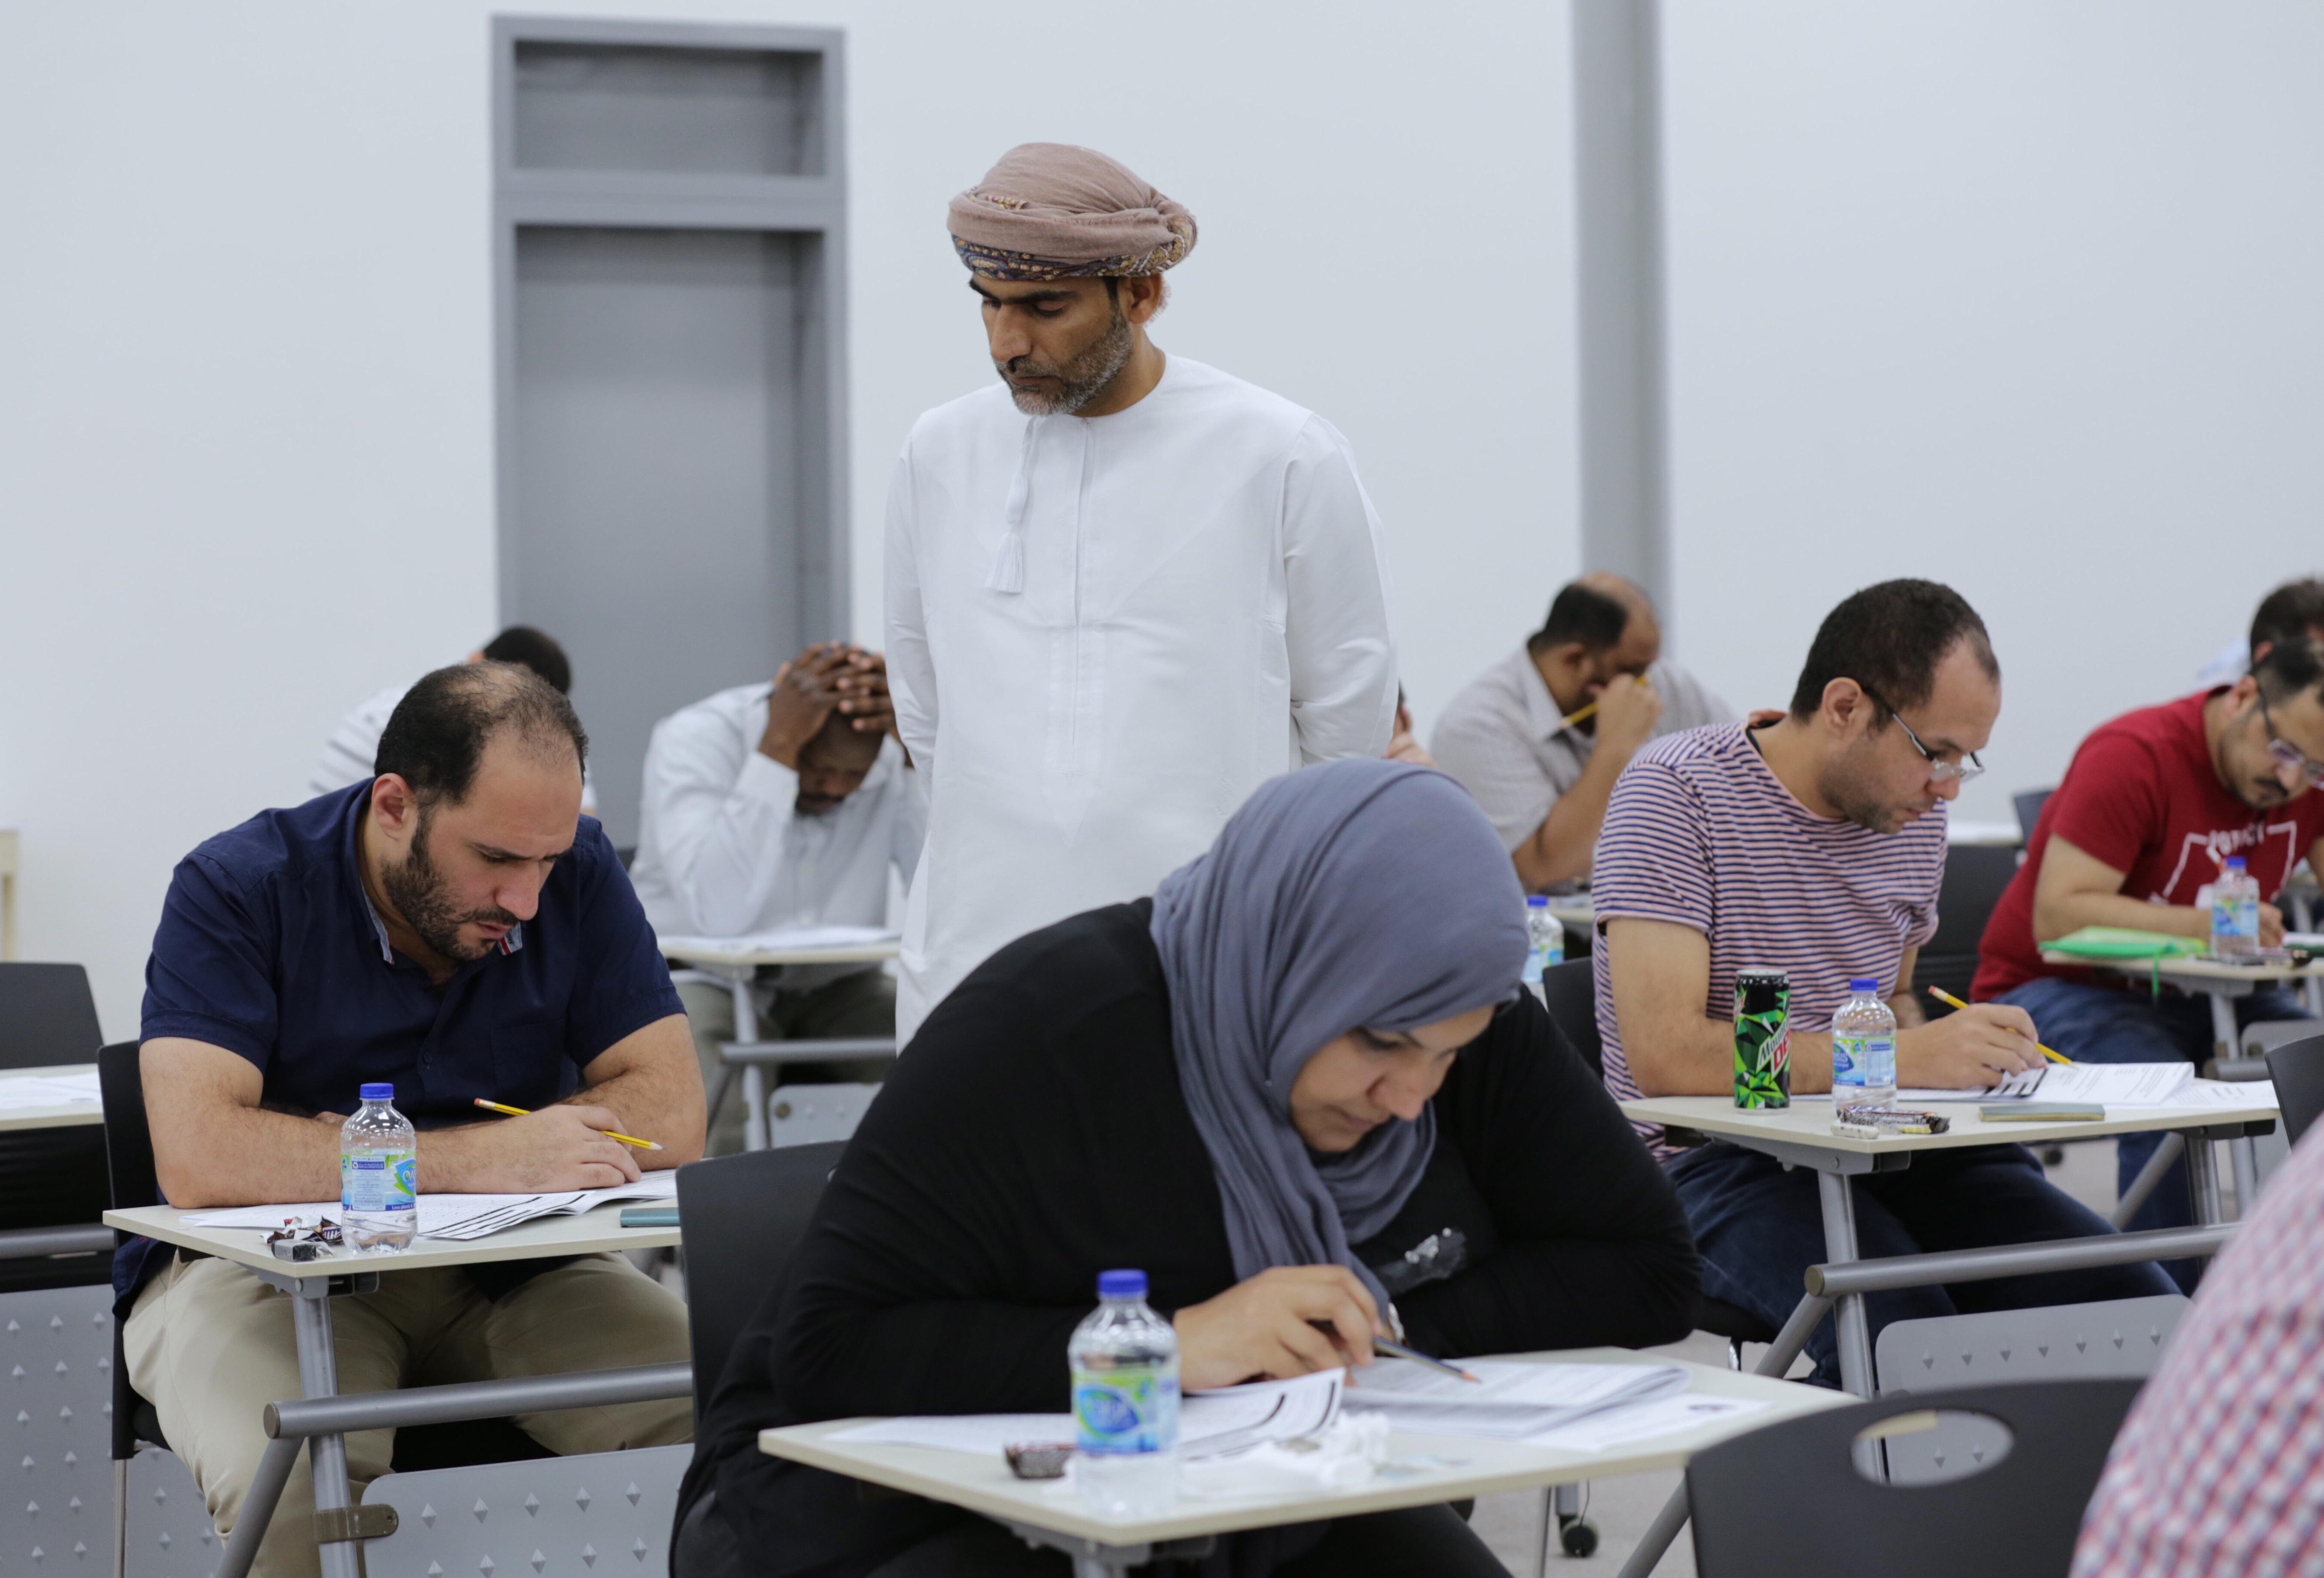 323 طبيبا يؤدون امتحان عضوية الكلية الملكية لطب الطوارئ